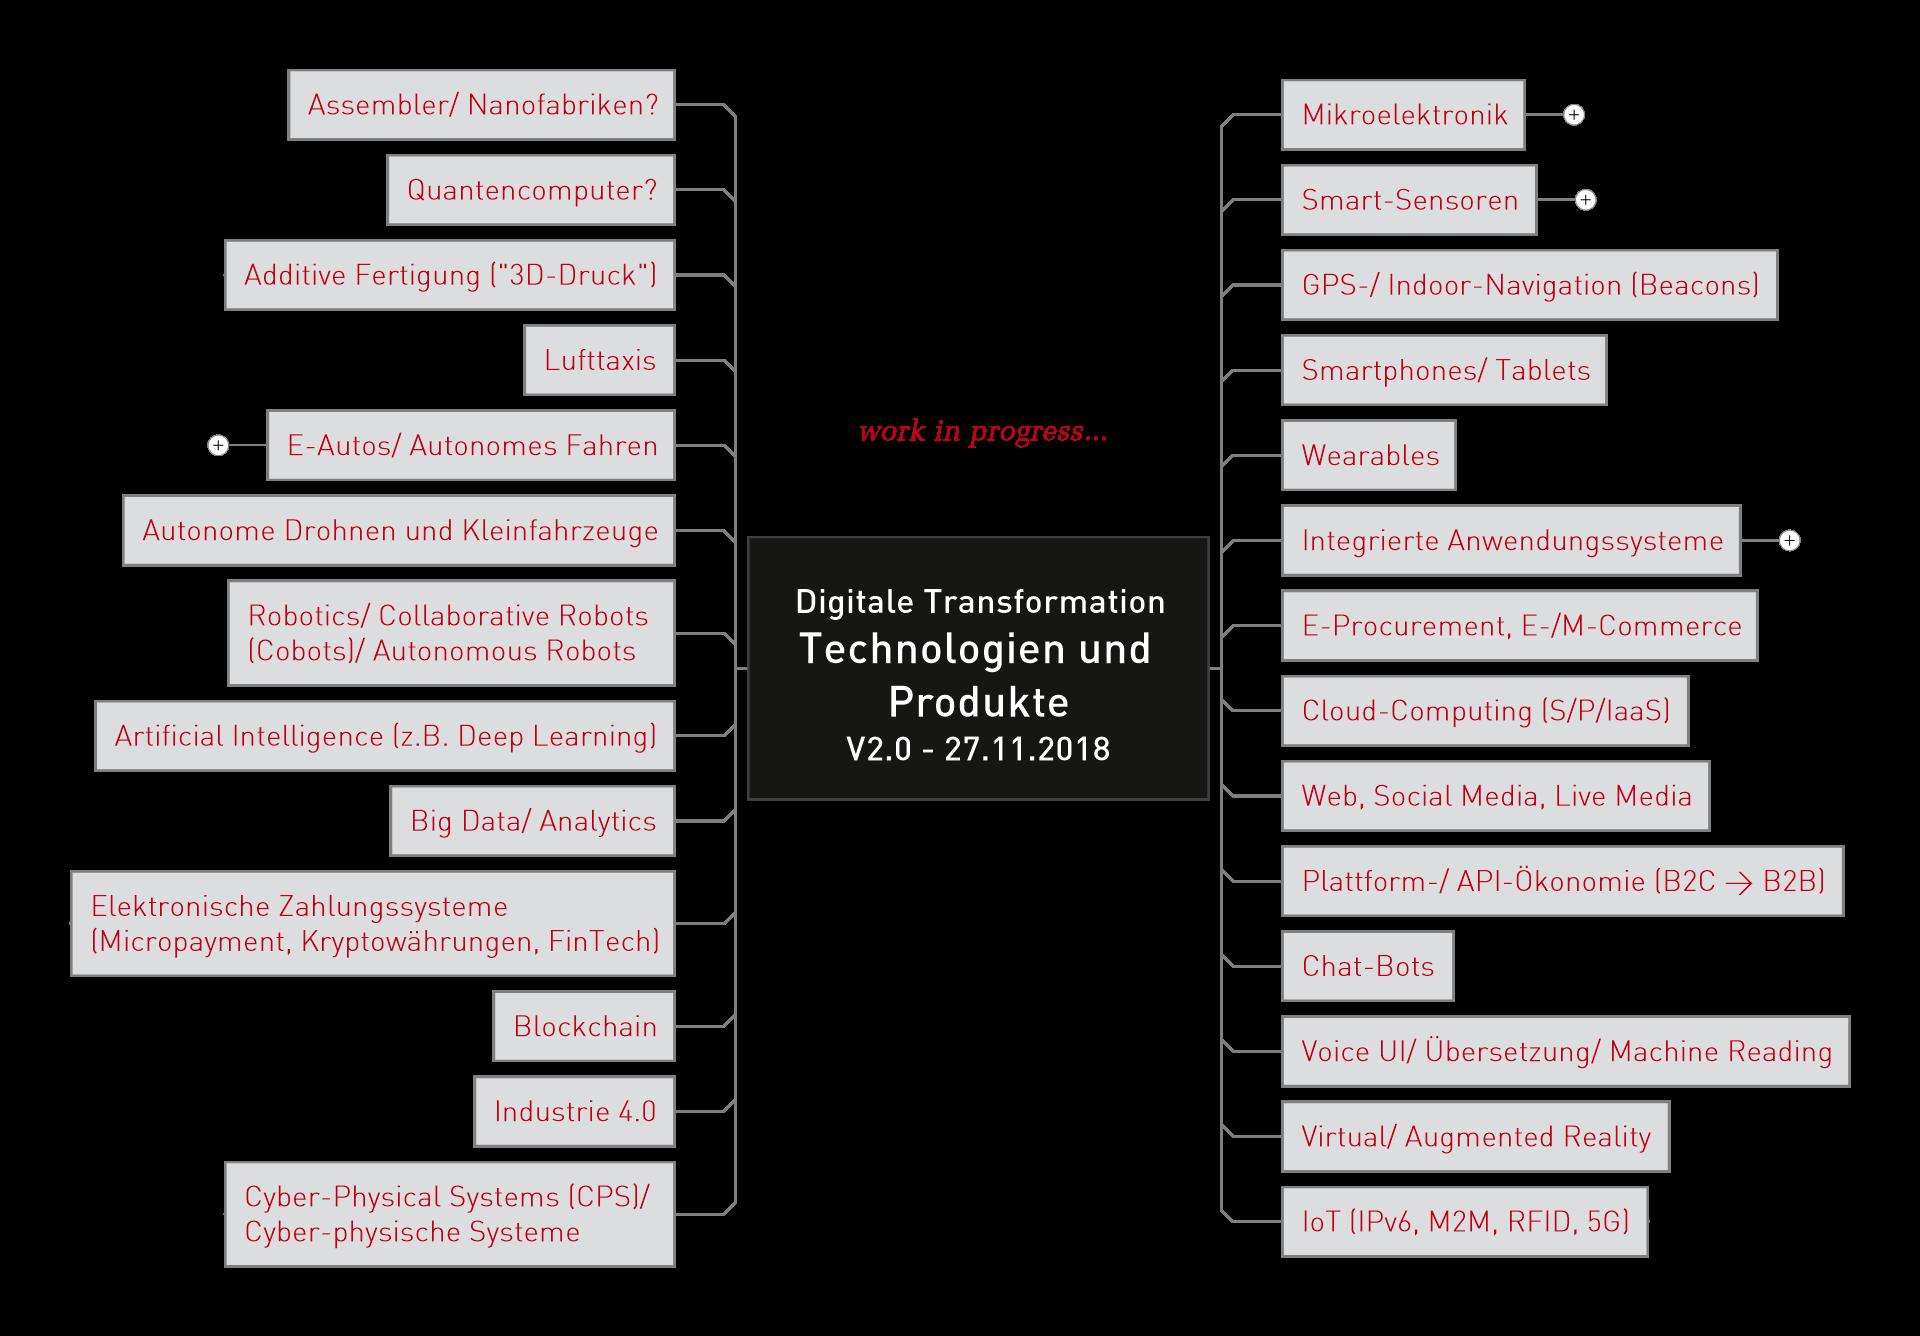 Digitale Technologien und Produkte als Treiber der Digitalen Transformation